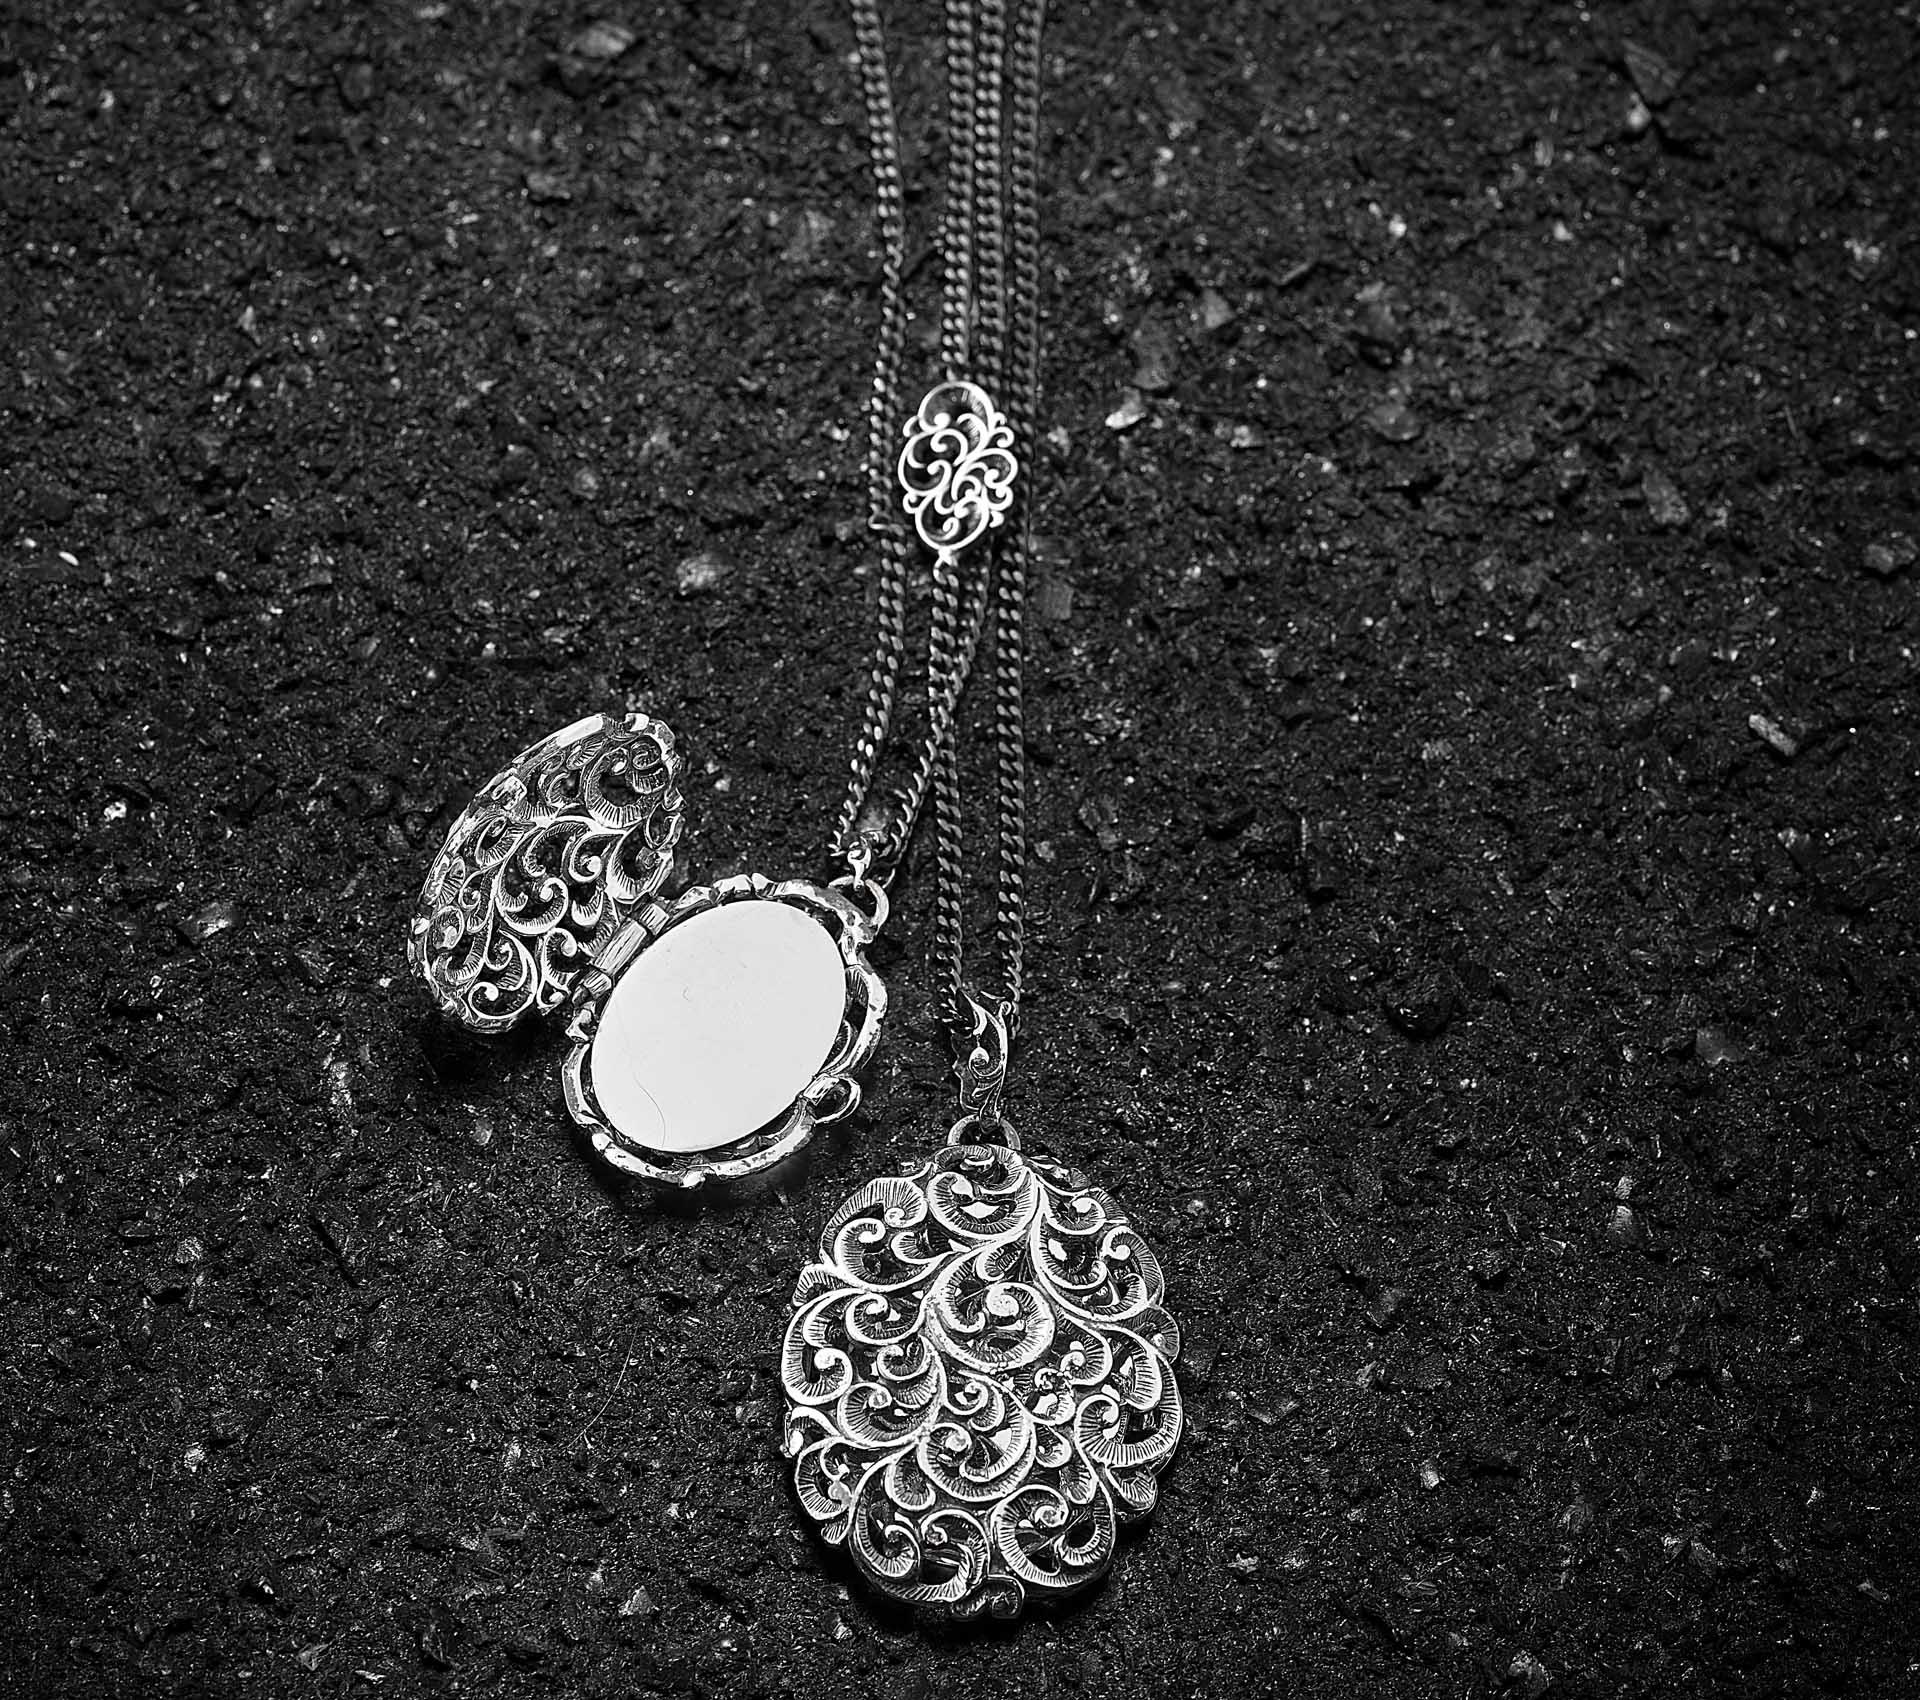 maria e luisa jewels